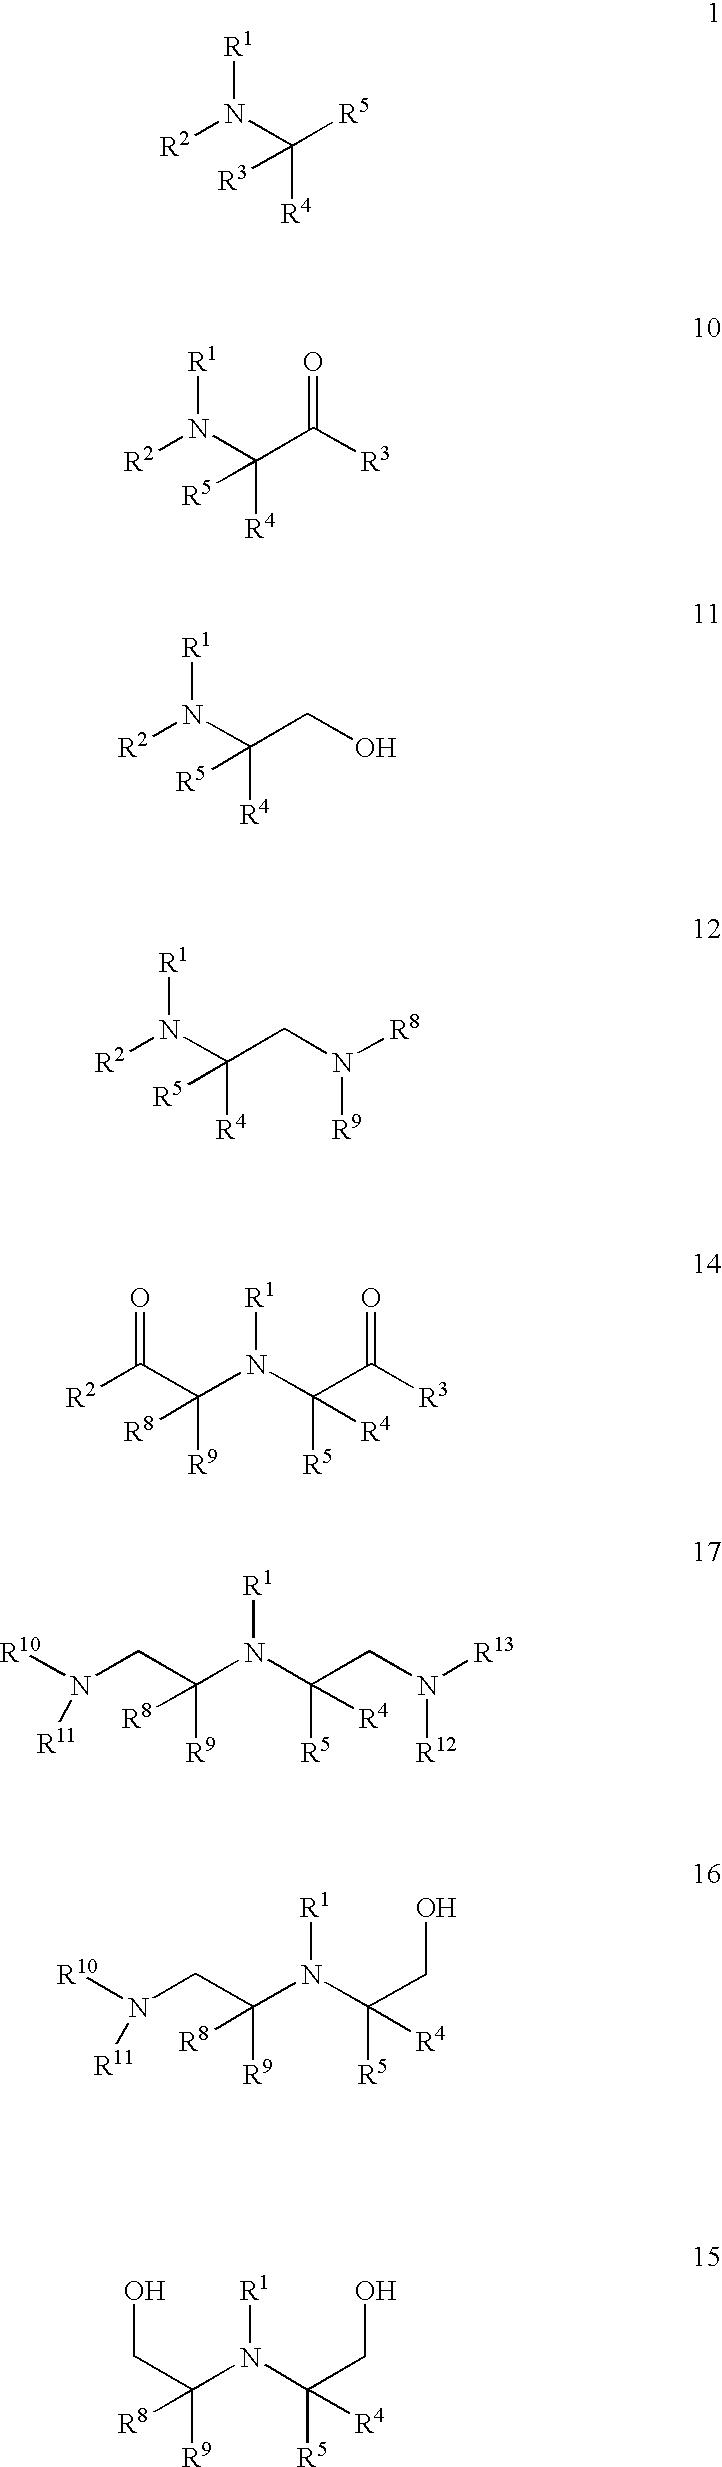 Figure US06602817-20030805-C00028